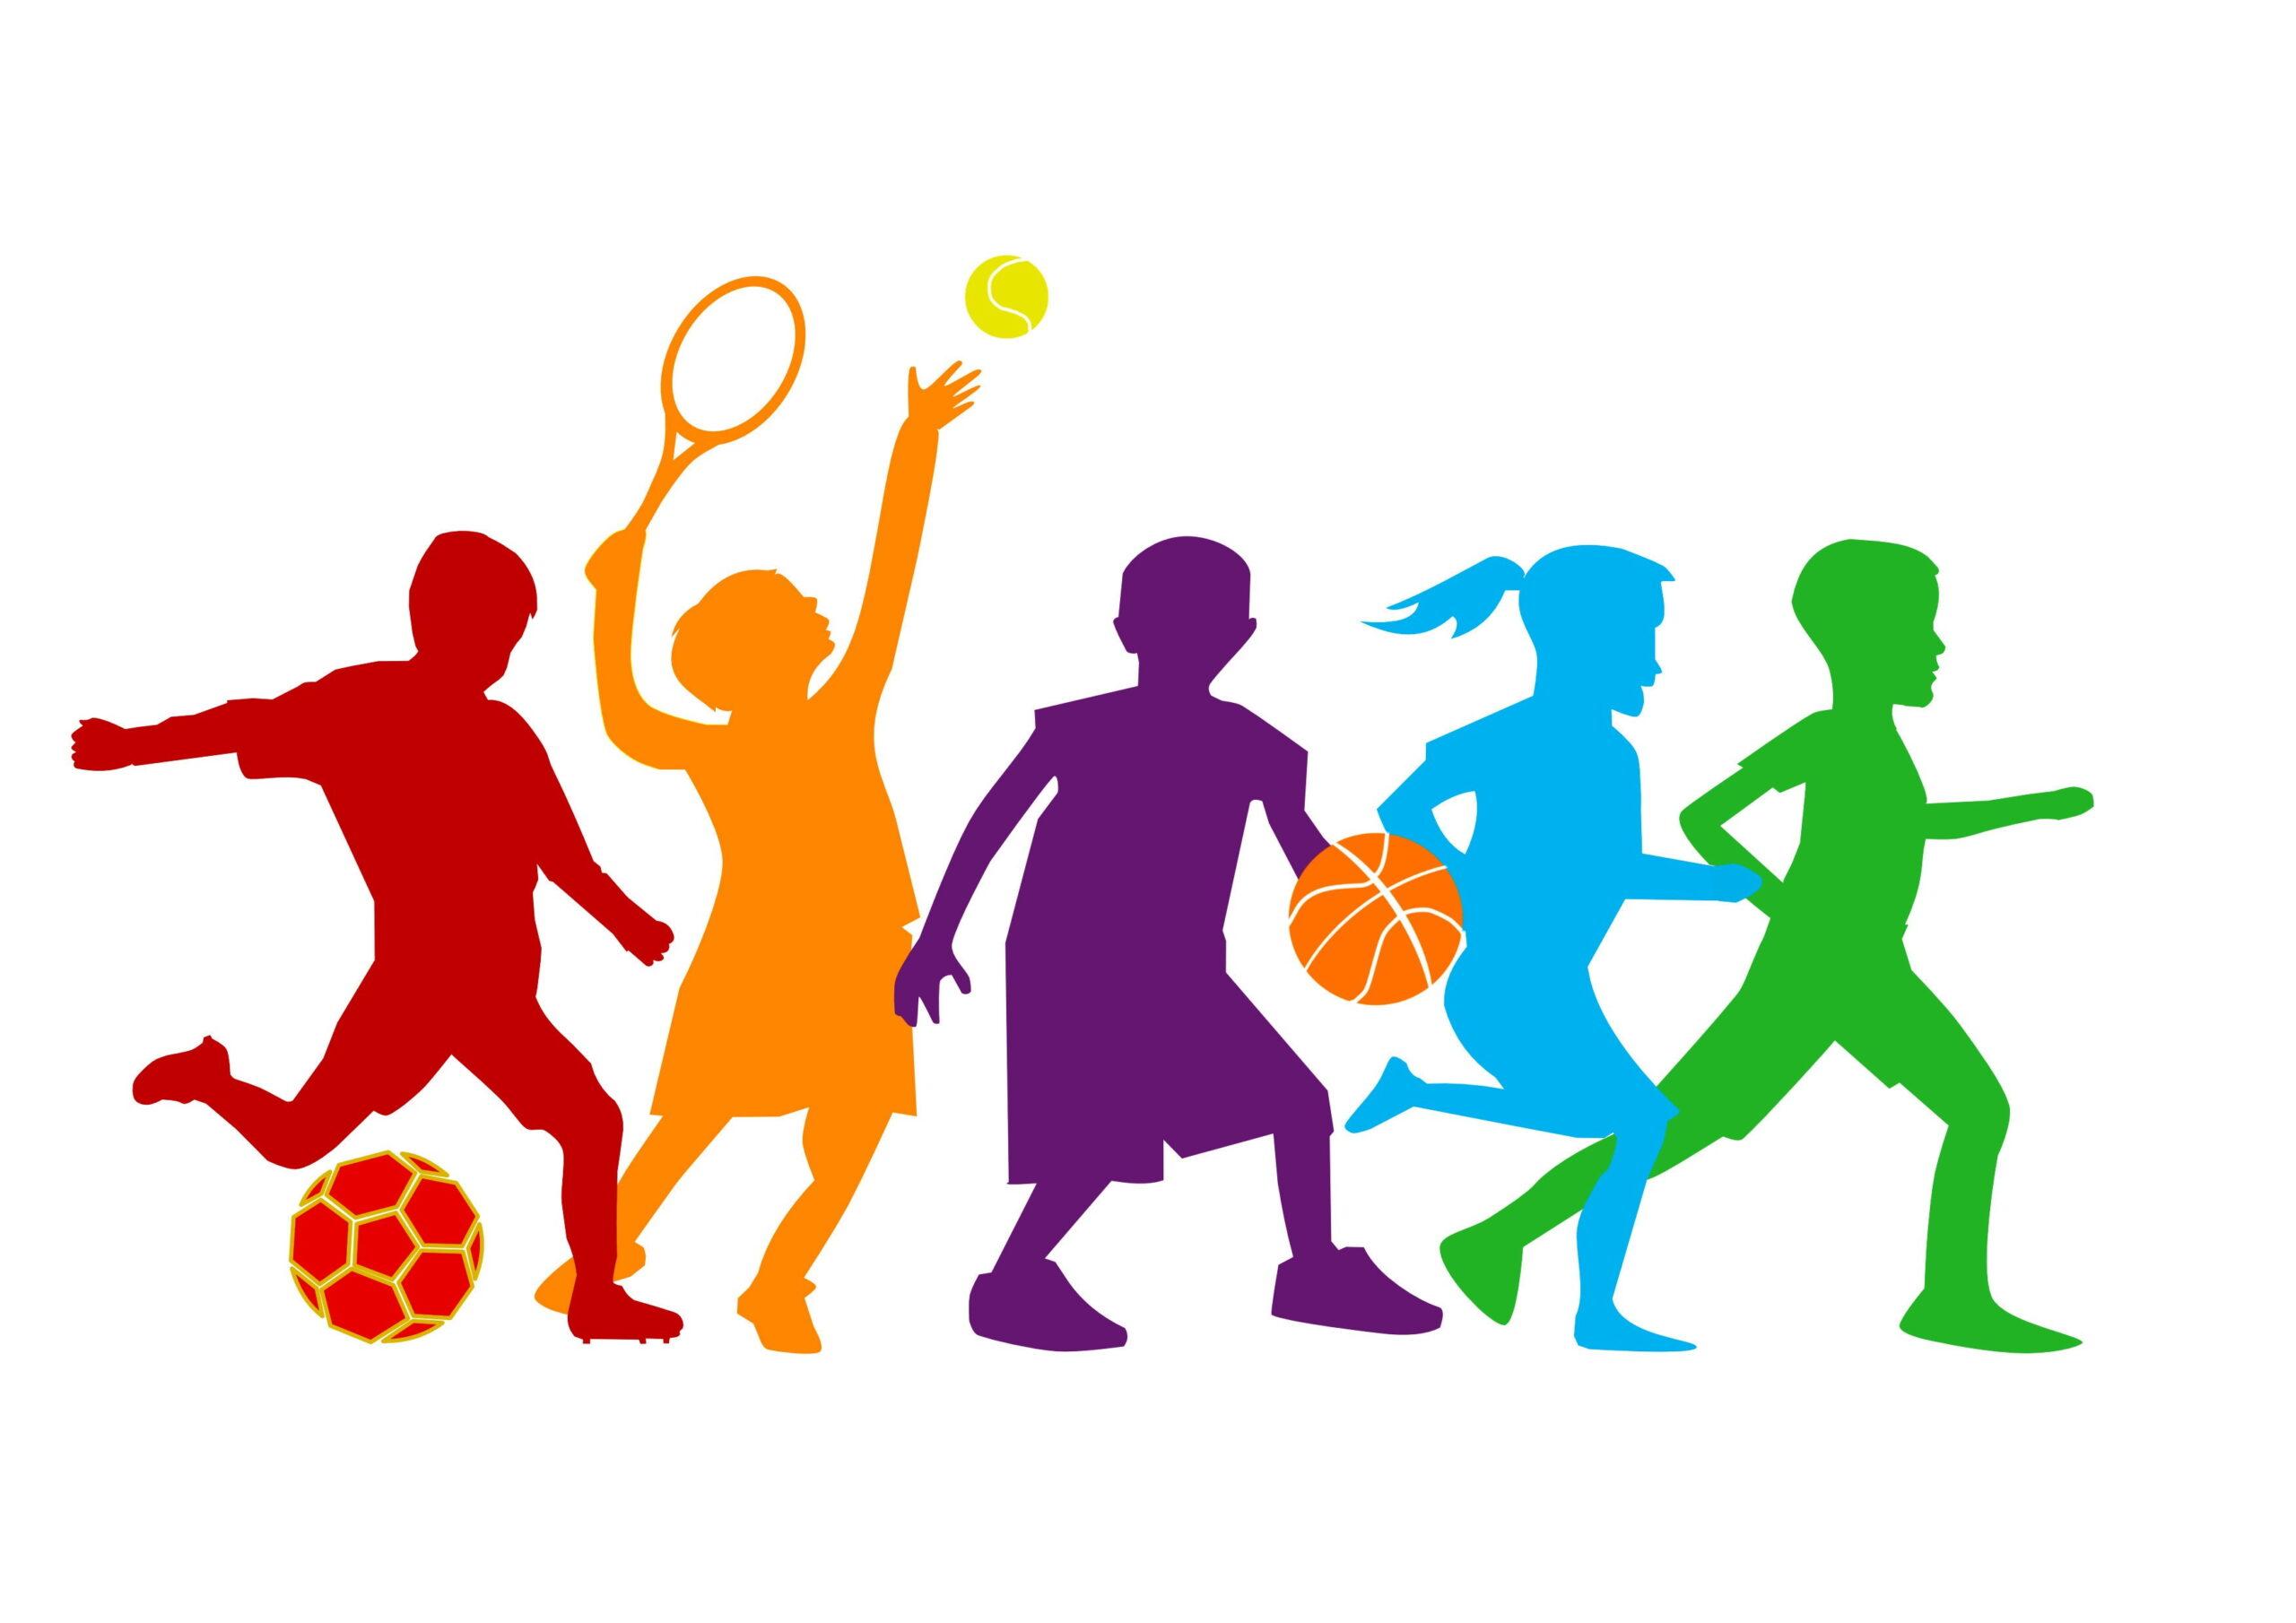 Спортивный праздник логотип